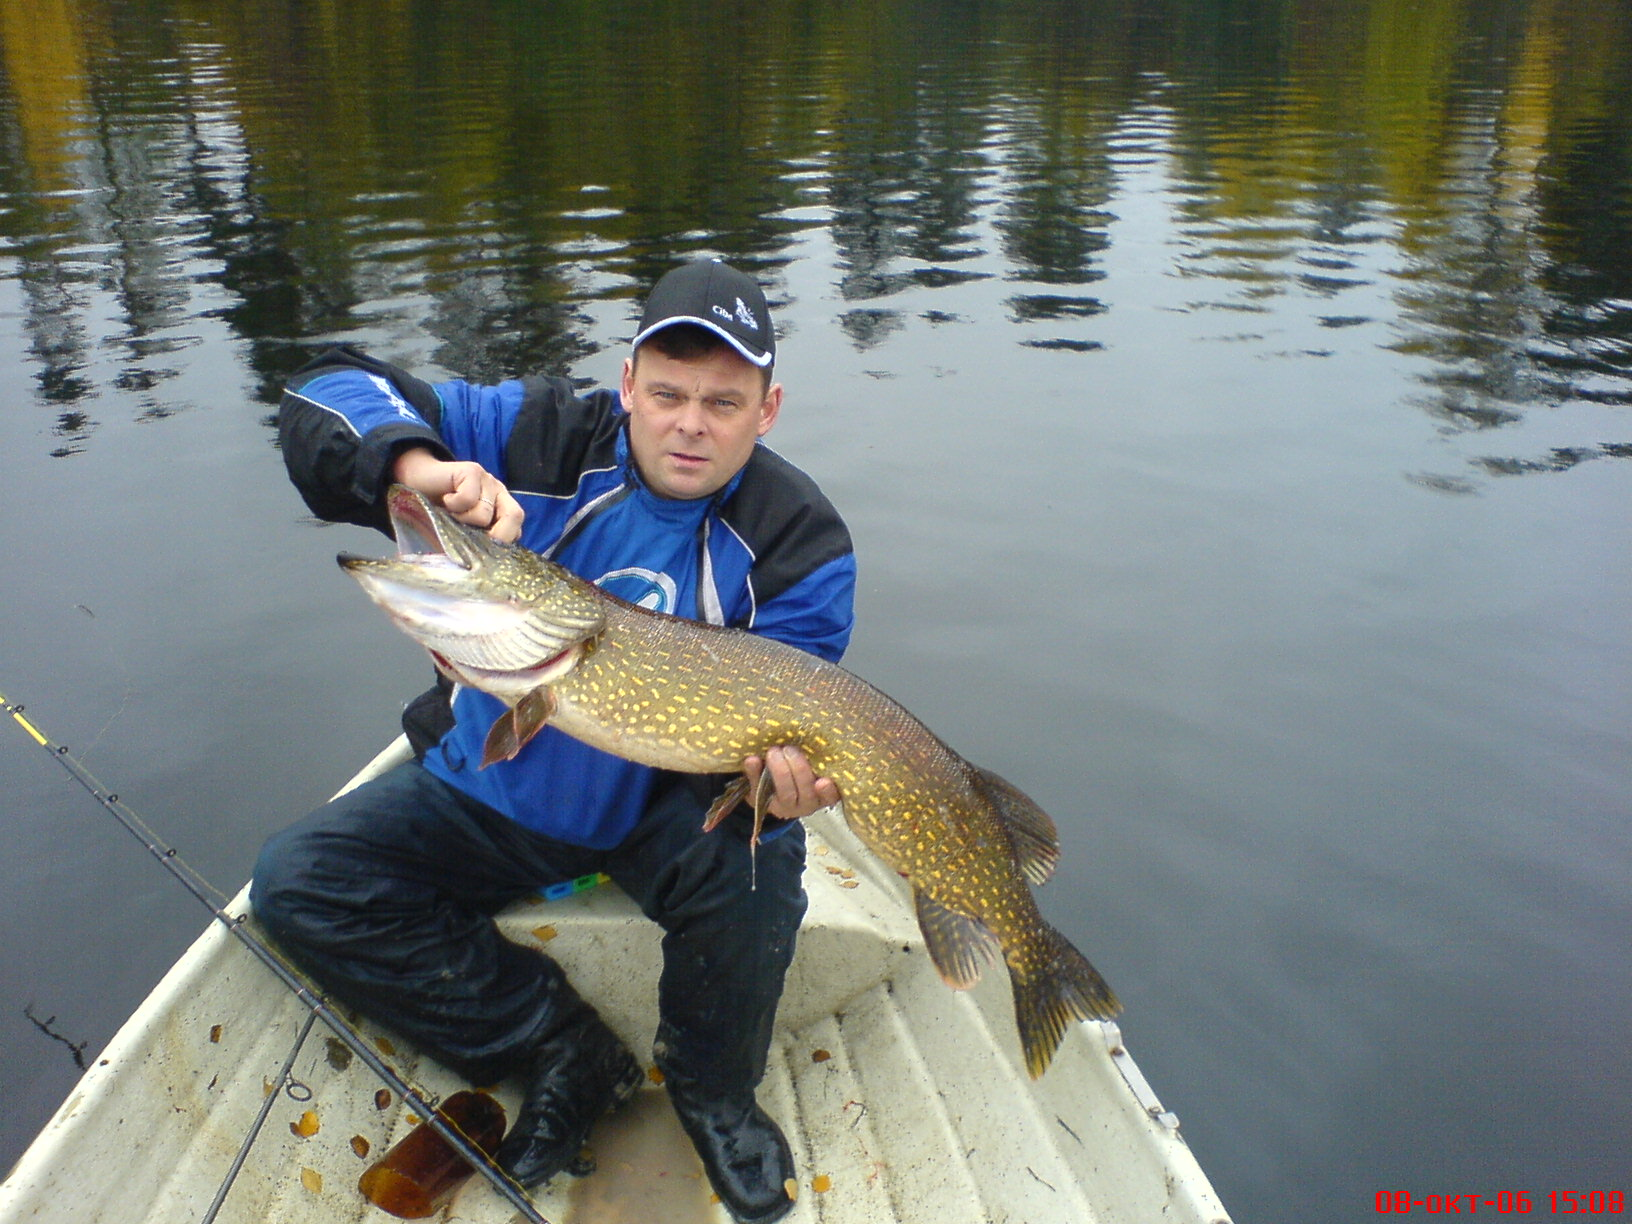 Нажмите на изображение для увеличения.  Название:Рыбалка 2006г..JPG Просмотров:6 Размер:389.9 Кб ID:195870